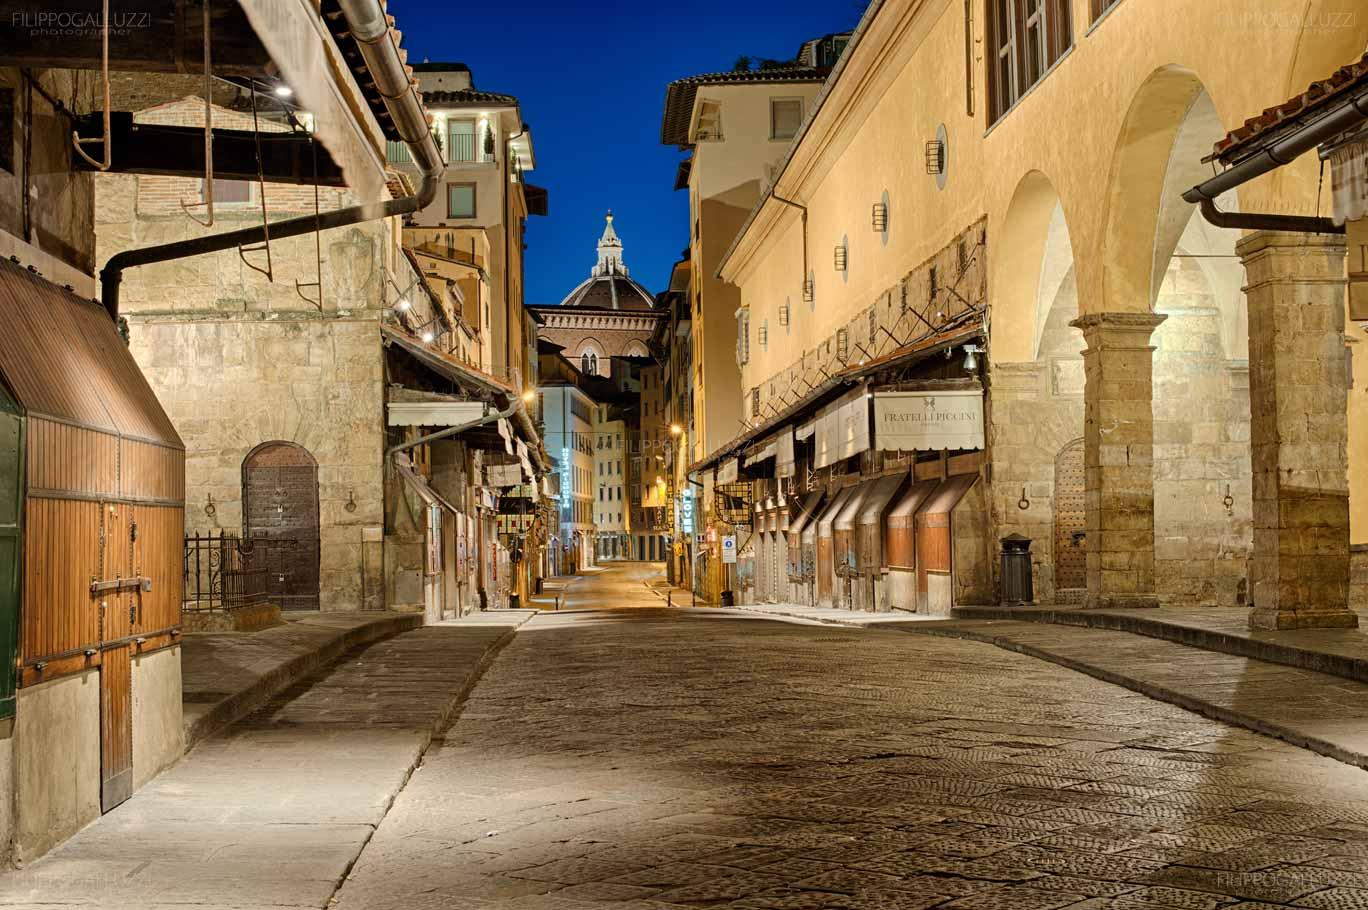 Firenze, Pontevecchio